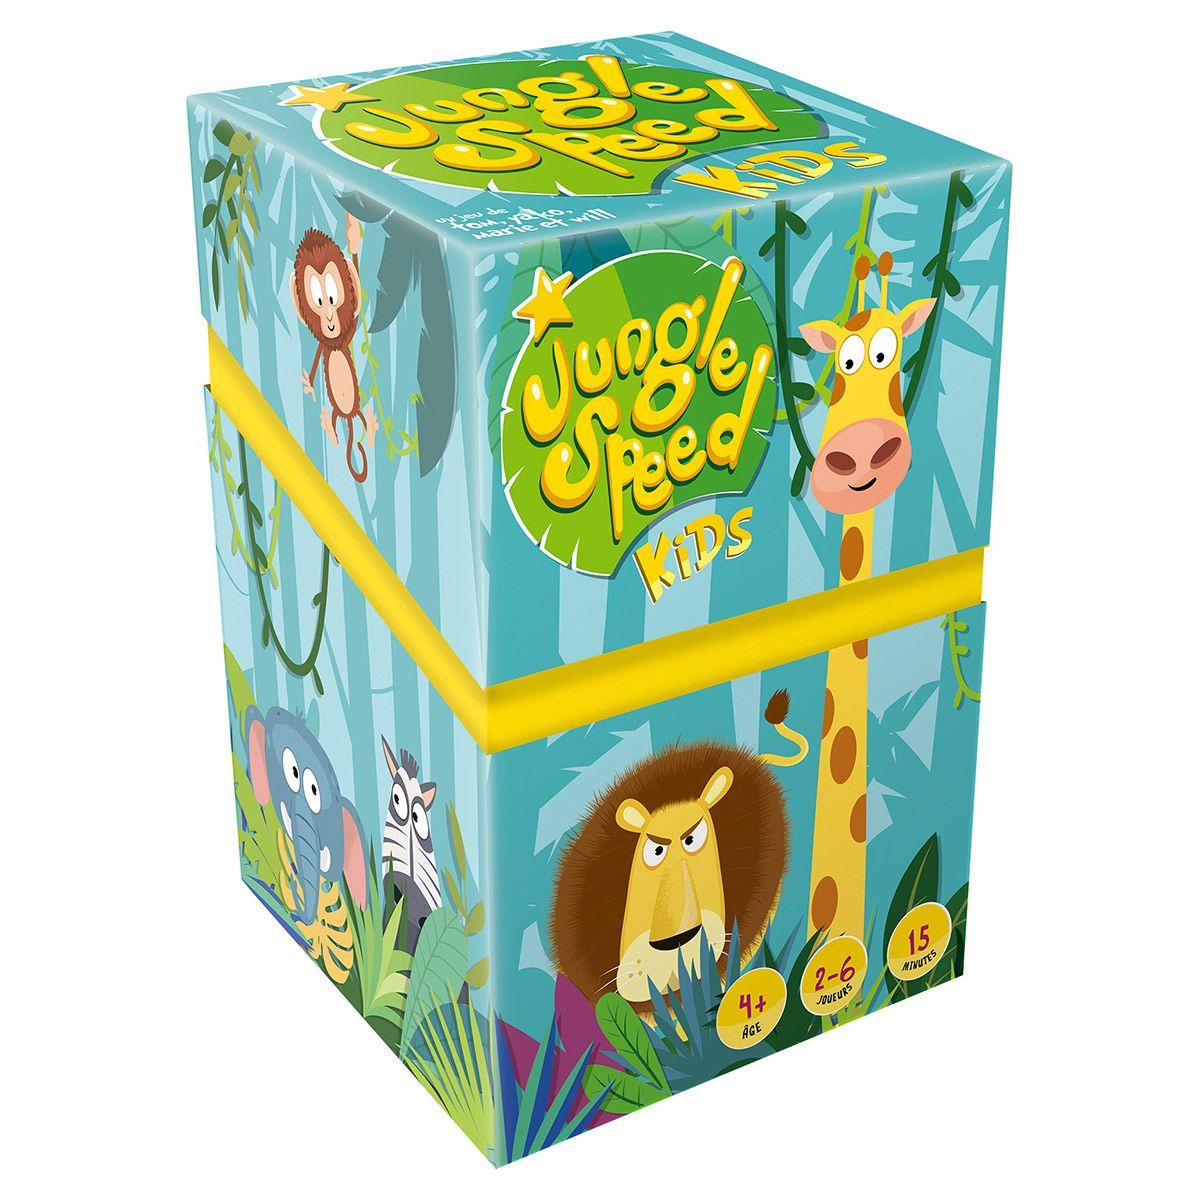 Jungle Speed Kids - Jeux De Société Et Puzzles - La Grande Récré intérieur Jeux Gratuit Garçon 4 Ans